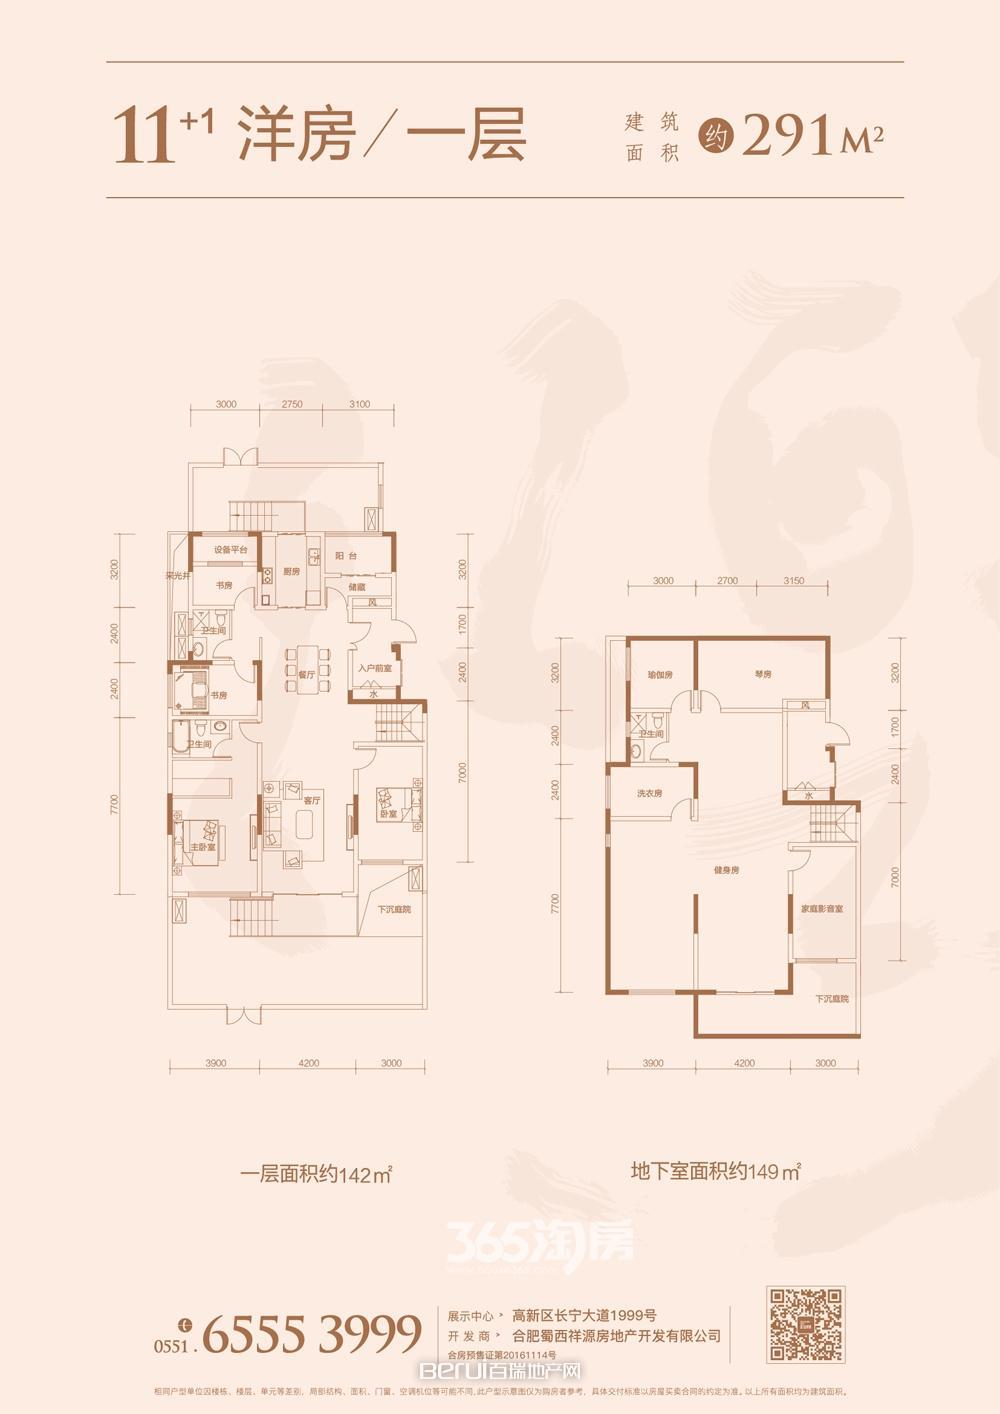 祥源金港湾11+1洋房 一层 291平 户型